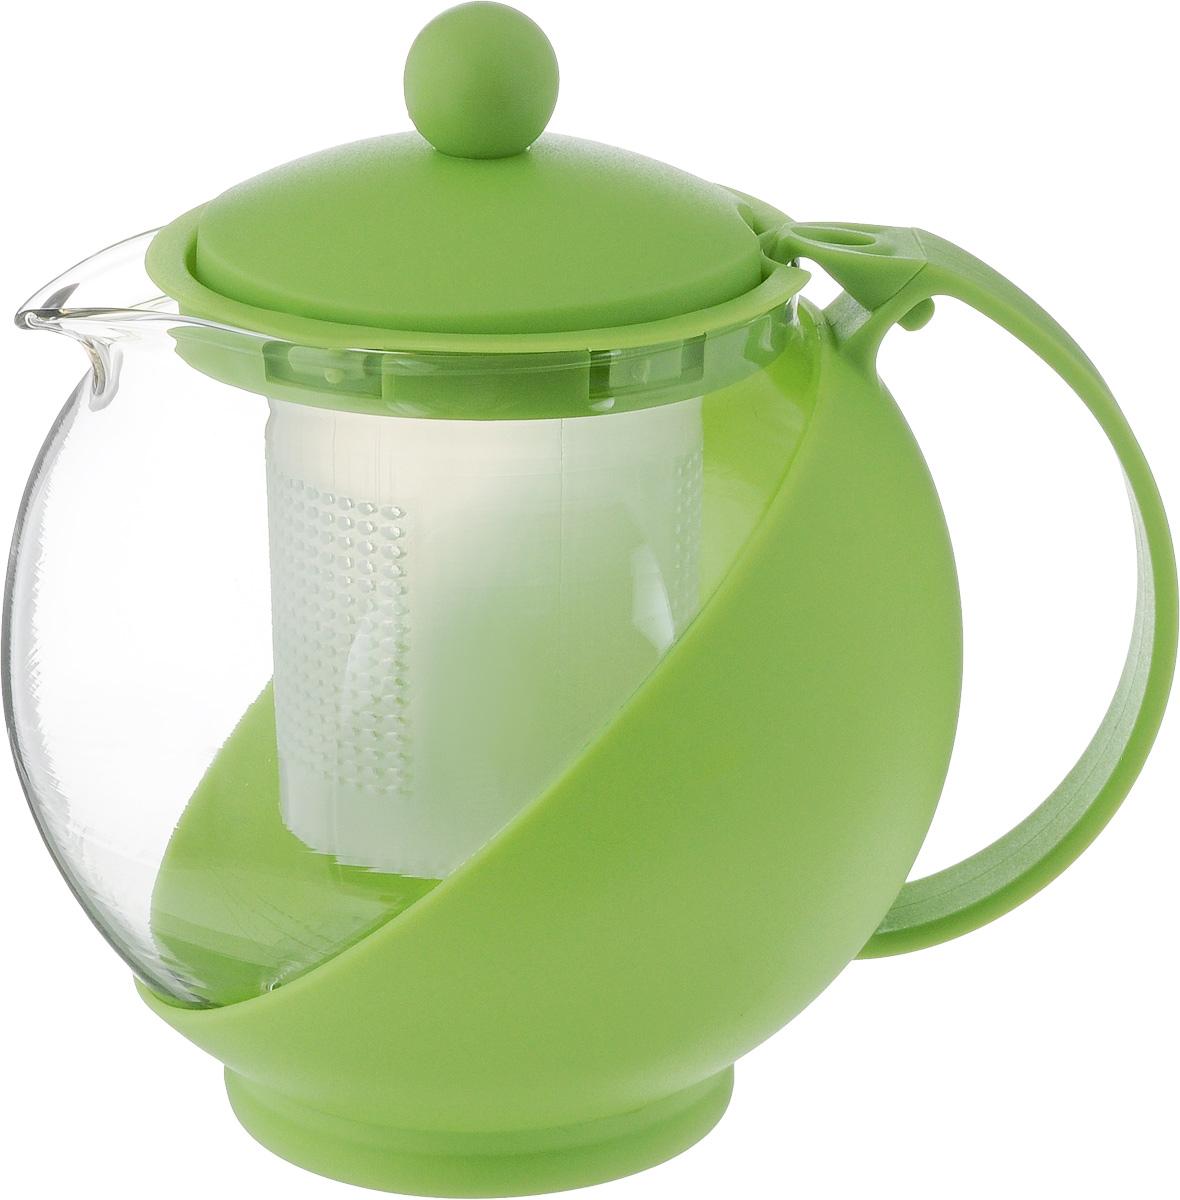 Чайник заварочный Wellberg Aqual, с фильтром, цвет: прозрачный, зеленый, 750 мл325 WB_зеленыйЗаварочный чайник Wellberg Aqual изготовлен из высококачественного пищевого пластика и жаропрочного стекла. Чайник имеет пластиковый фильтр и оснащен удобной ручкой. Крышка плотно закрывается, а удобный носик предотвращает проливание жидкости. Чайник прекрасно подойдет для заваривания чая и травяных напитков. Высота чайника (без учета крышки): 11,5 см.Высота чайника (с учетом крышки): 14 см. Диаметр (по верхнему краю): 8 см.Высота фильтра: 6,5 см.